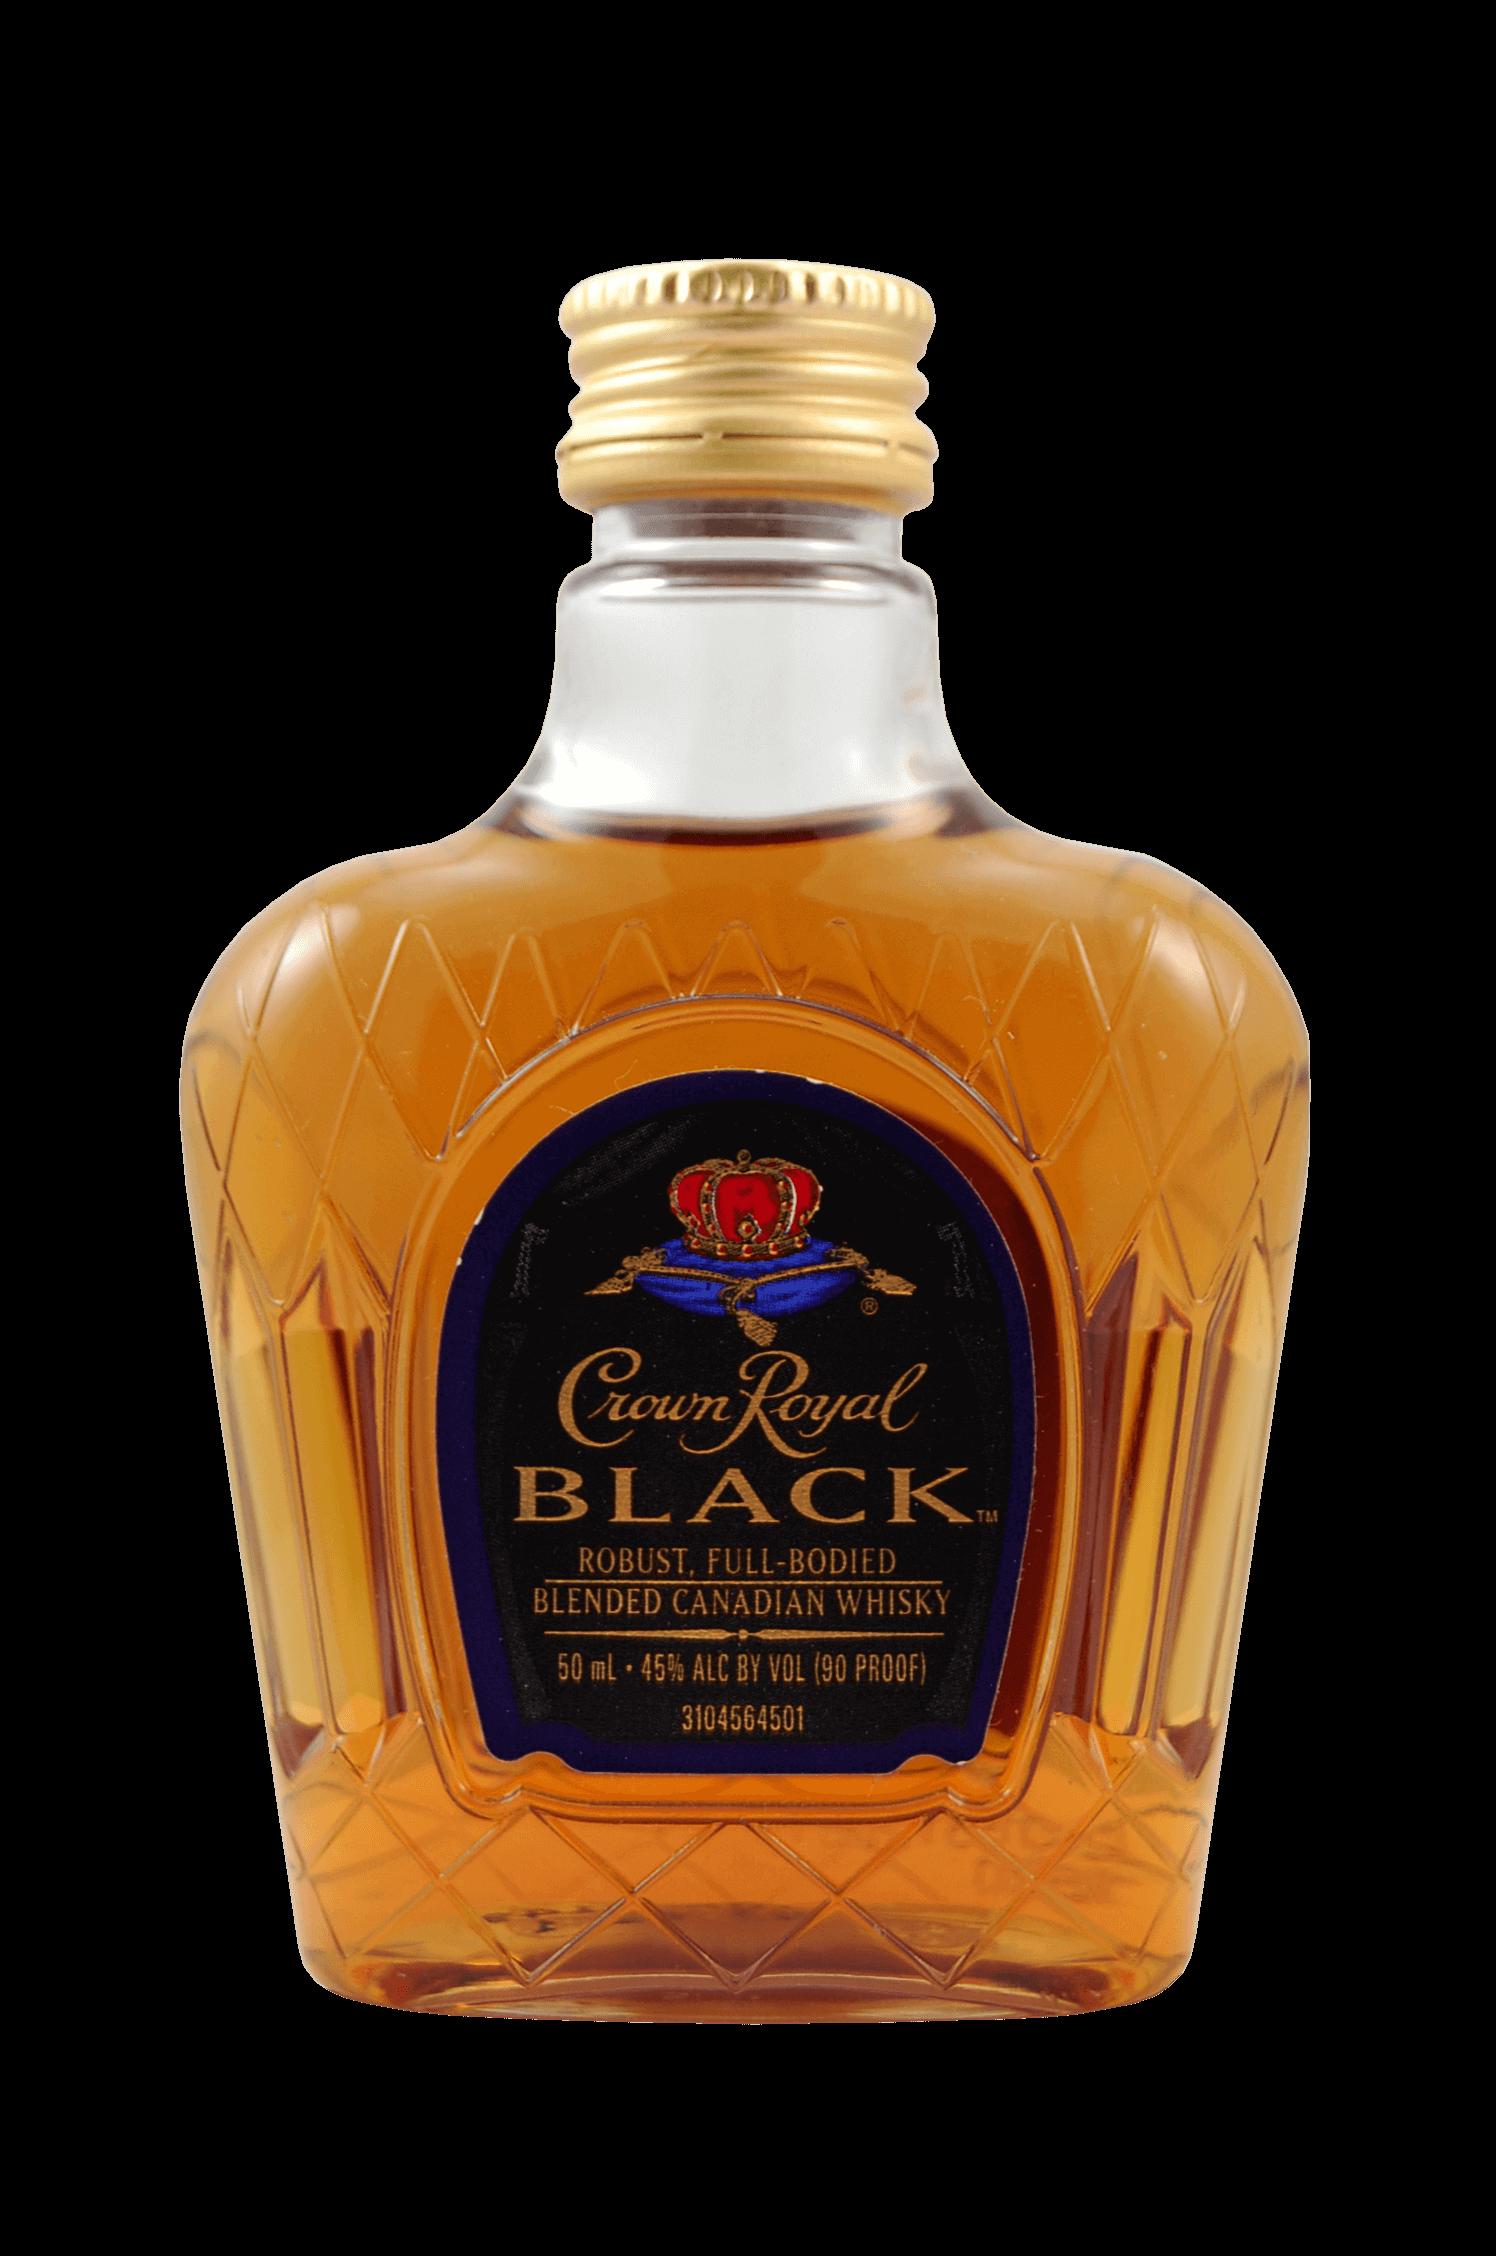 Croun Royal Black